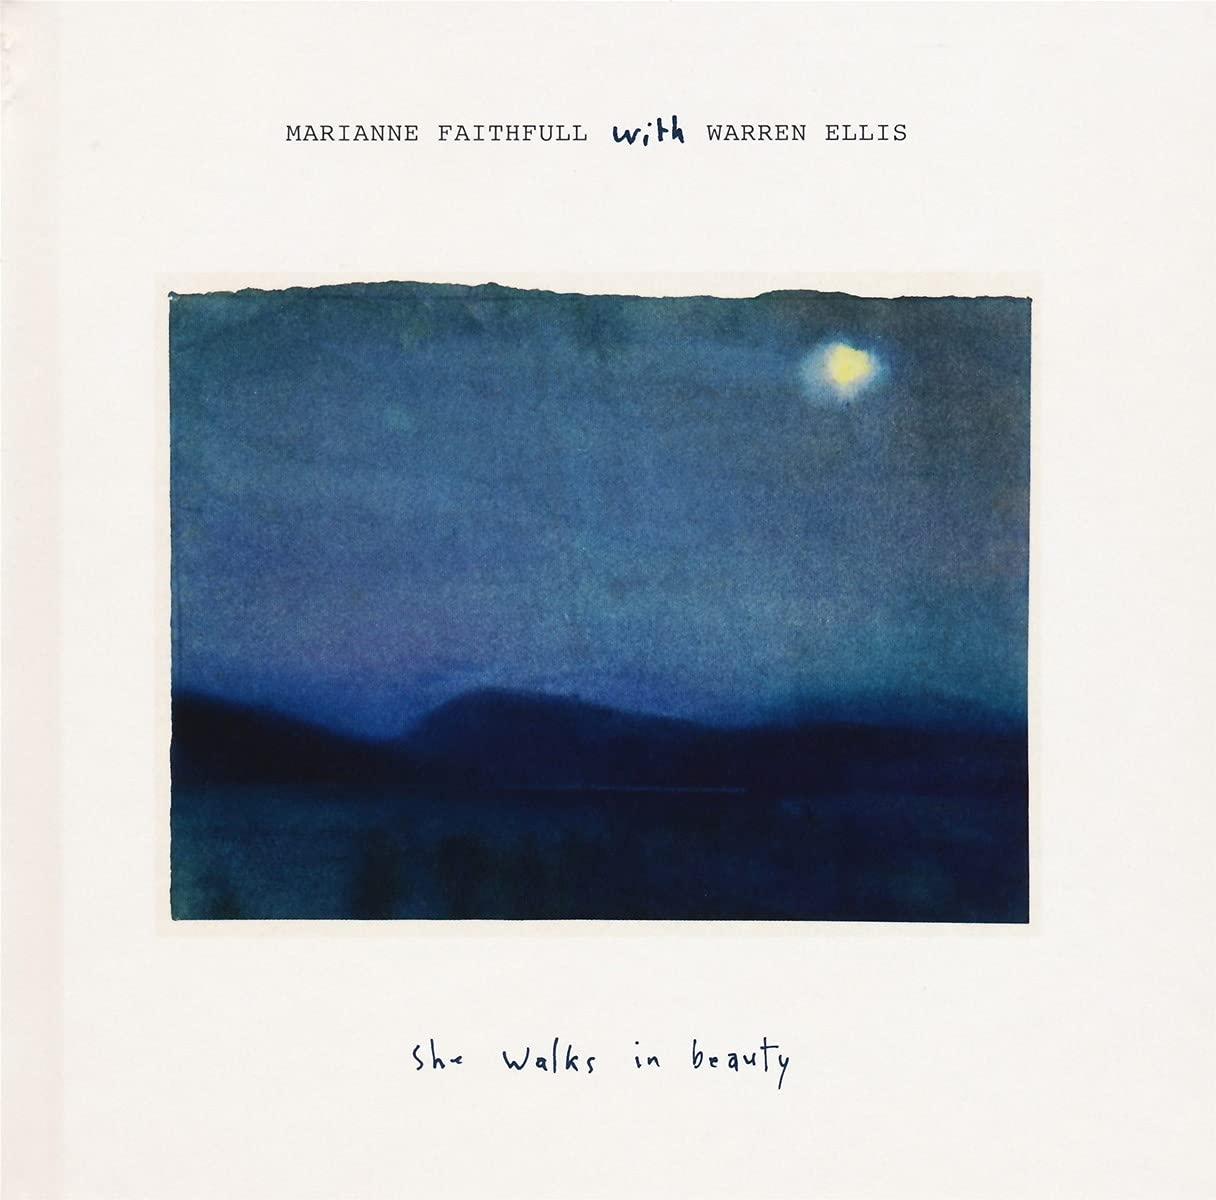 Marianne Faithfull & Warren Ellis - She Walks in Beauty